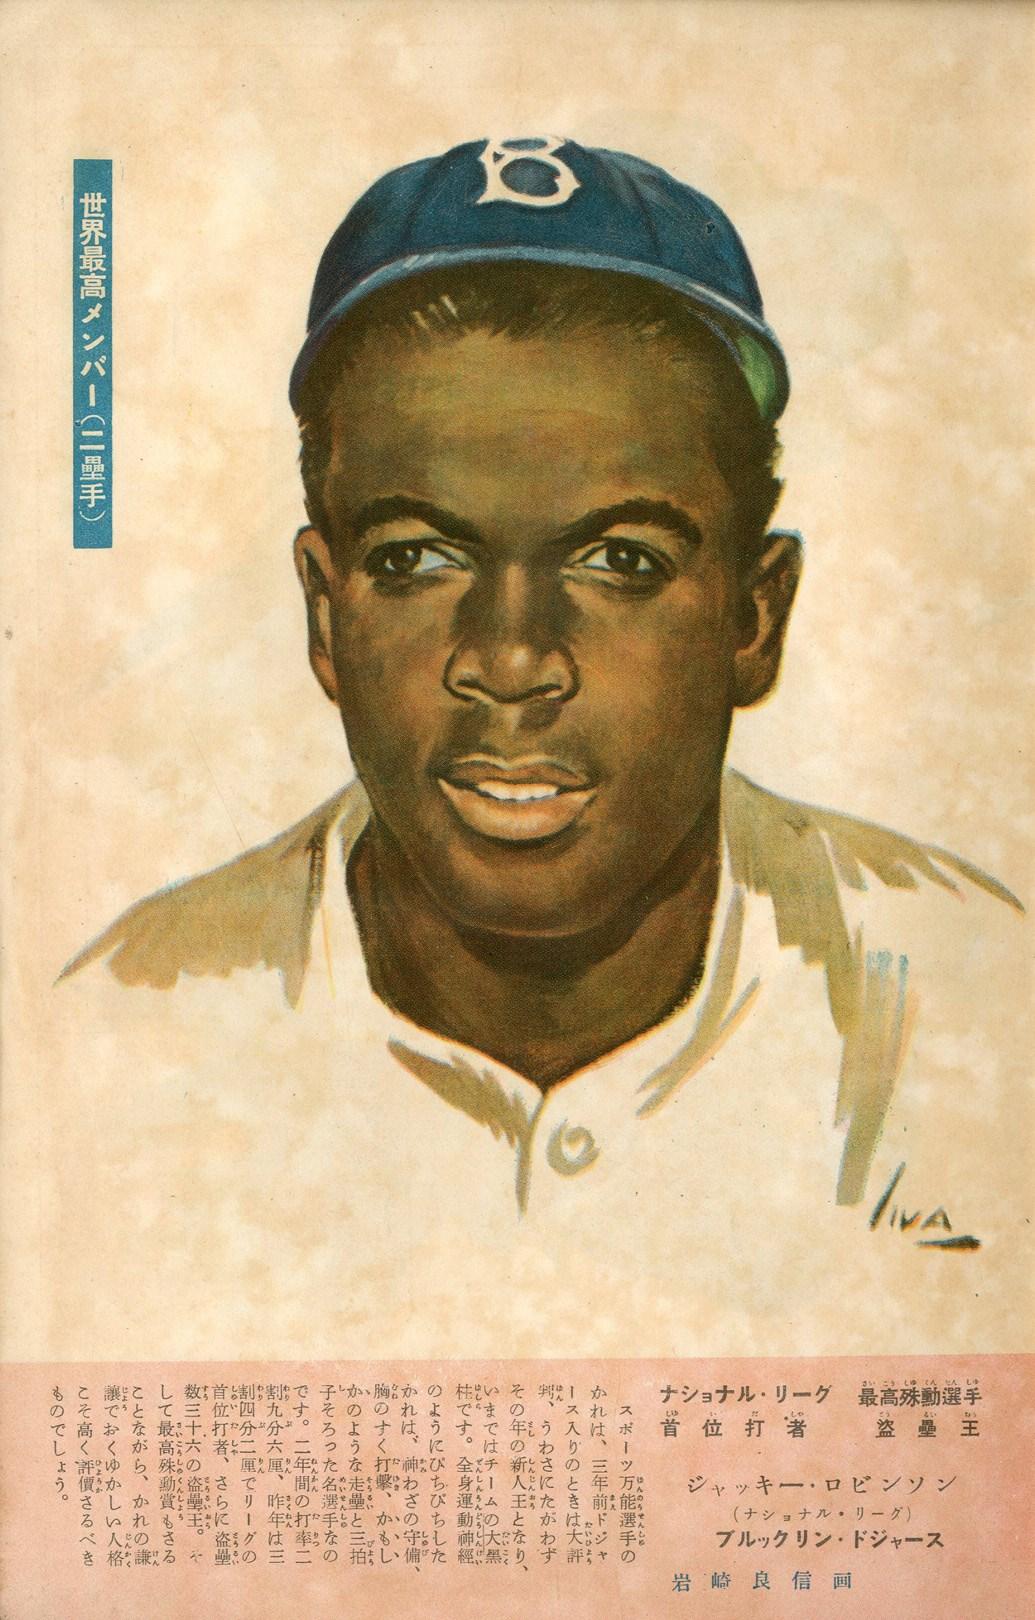 Negro League, Latin, Japanese & International Base - Leland's Classic